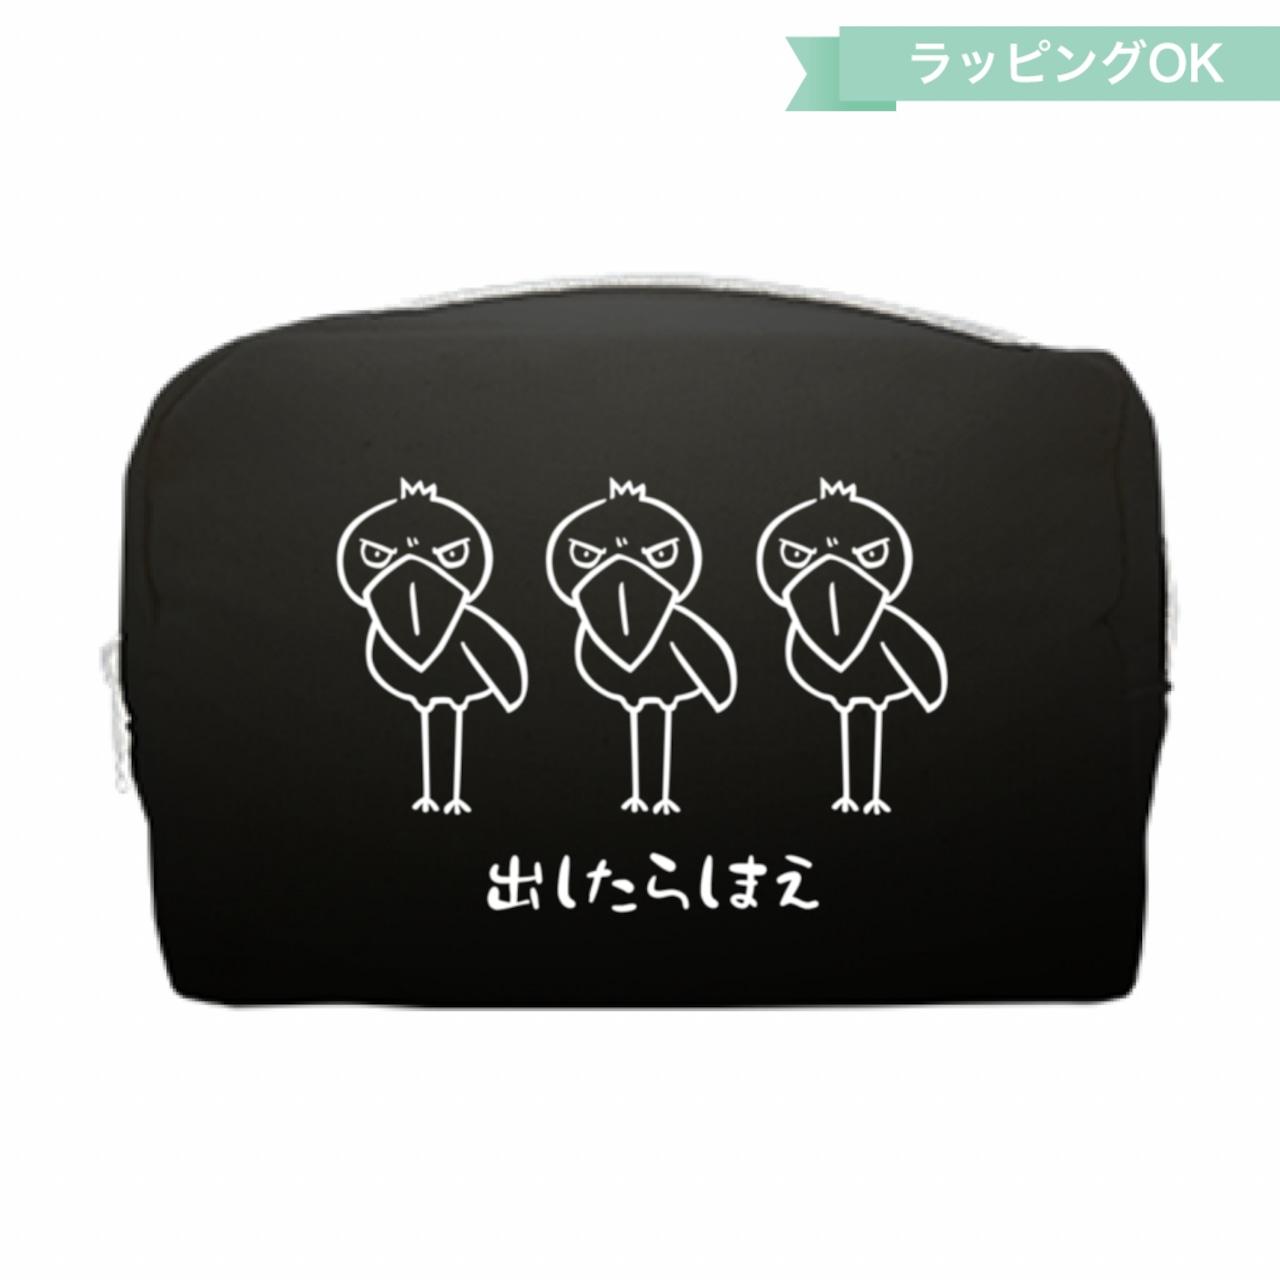 ファスナーポーチ★ハシビロコウ【ブラック】